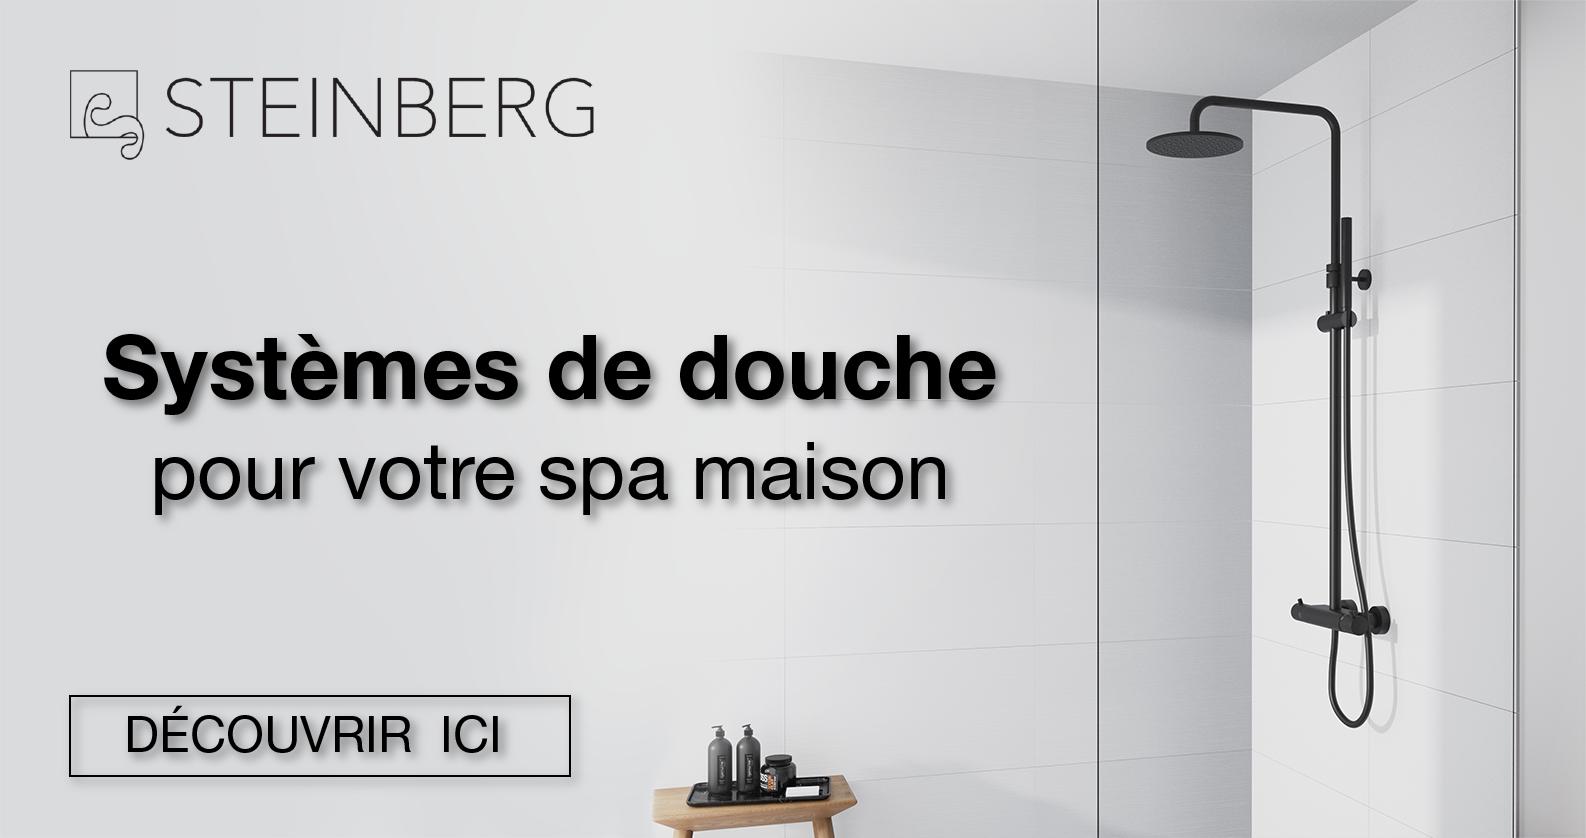 Steinberg Systèmes de douche chez xTWOstore